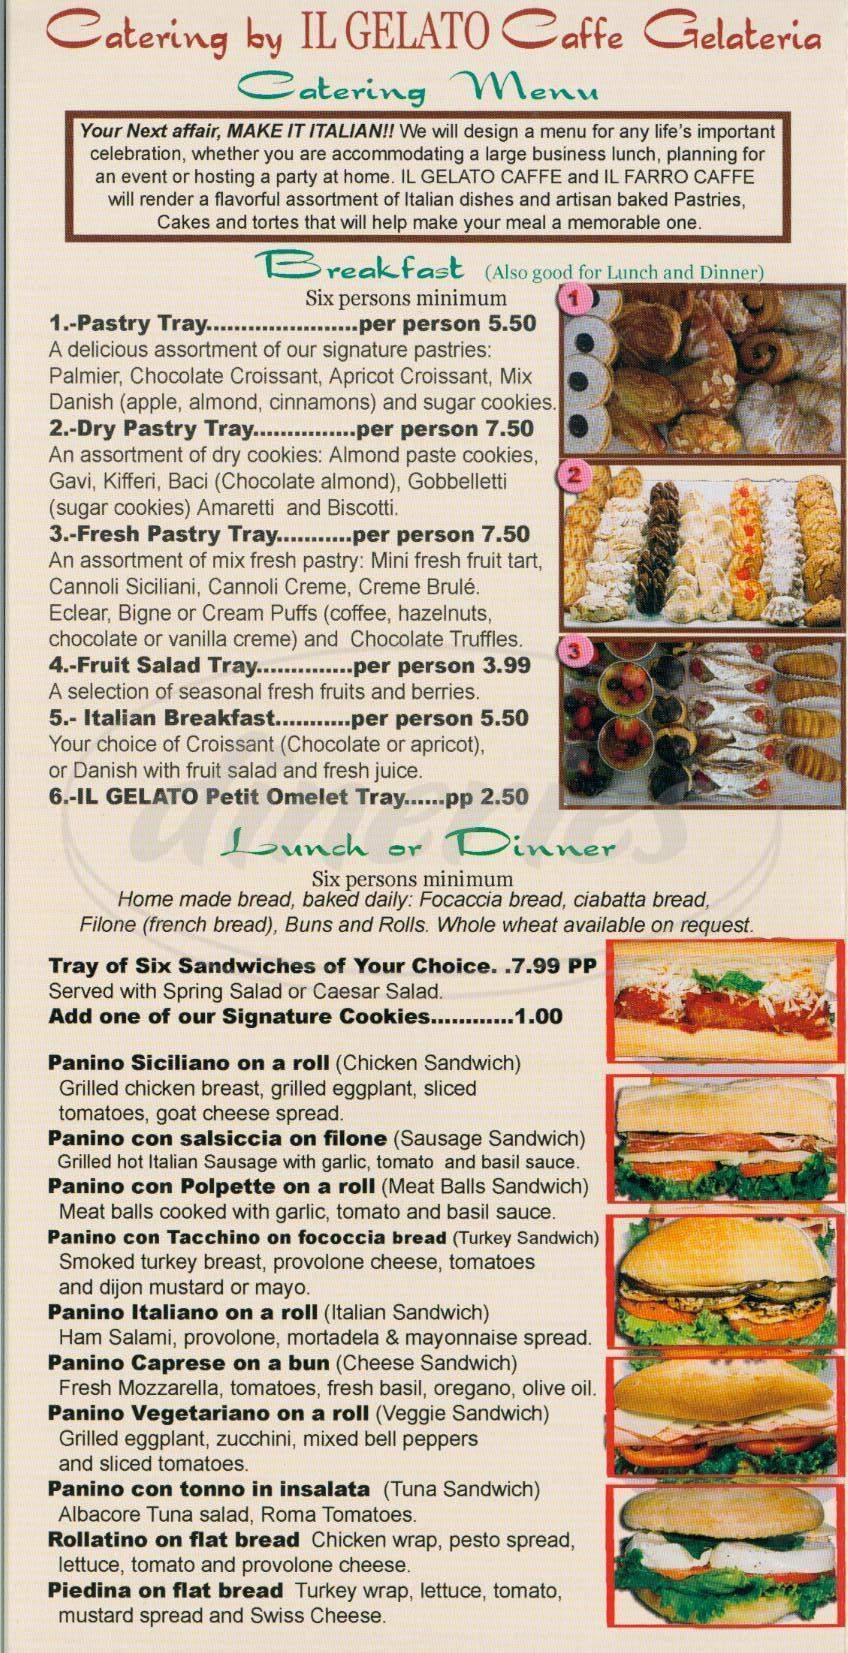 menu for Il Gellato